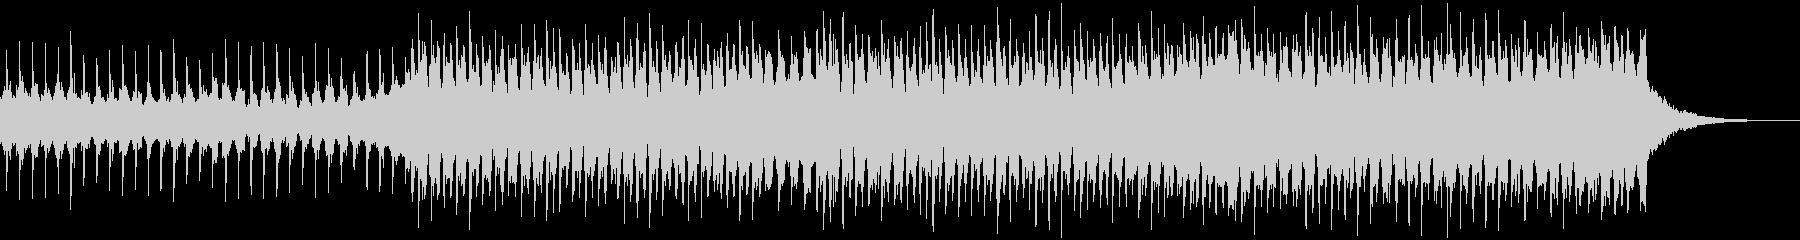 企業VP系155、爽やか4つ打ちハウスHの未再生の波形